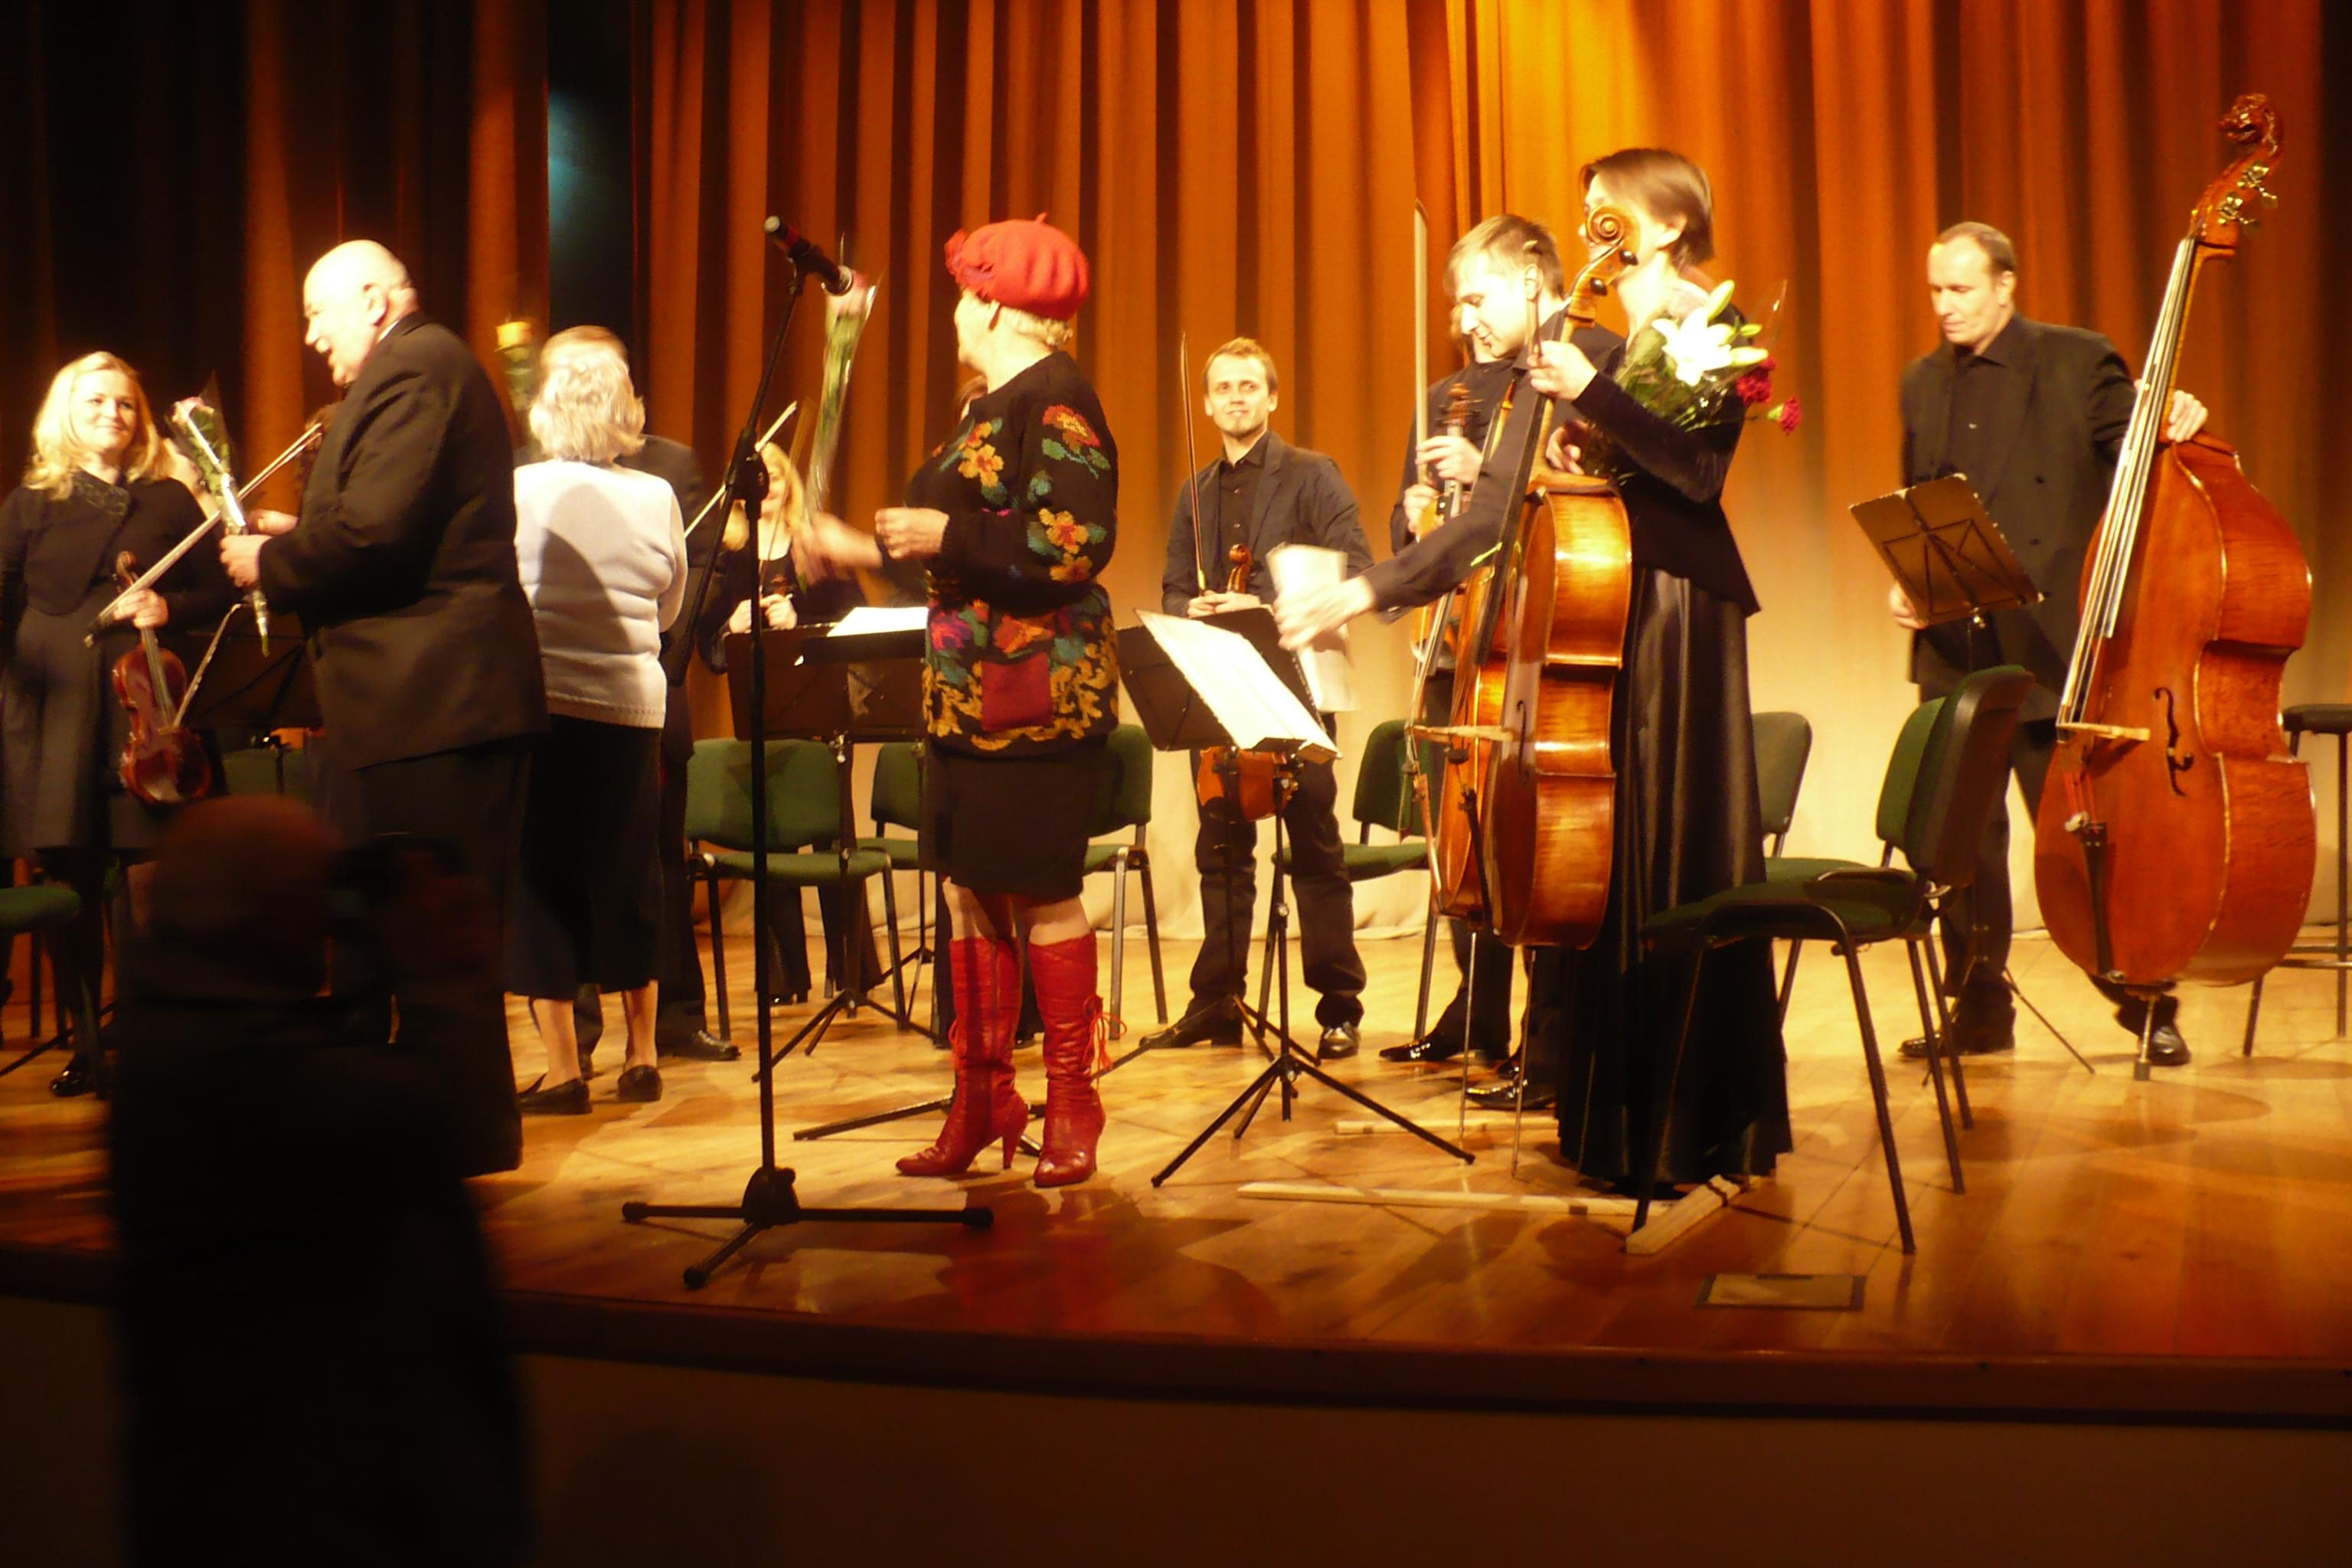 Šv. Kristoforo kamerinio orkestro koncertas –  sūris pelėkautuose